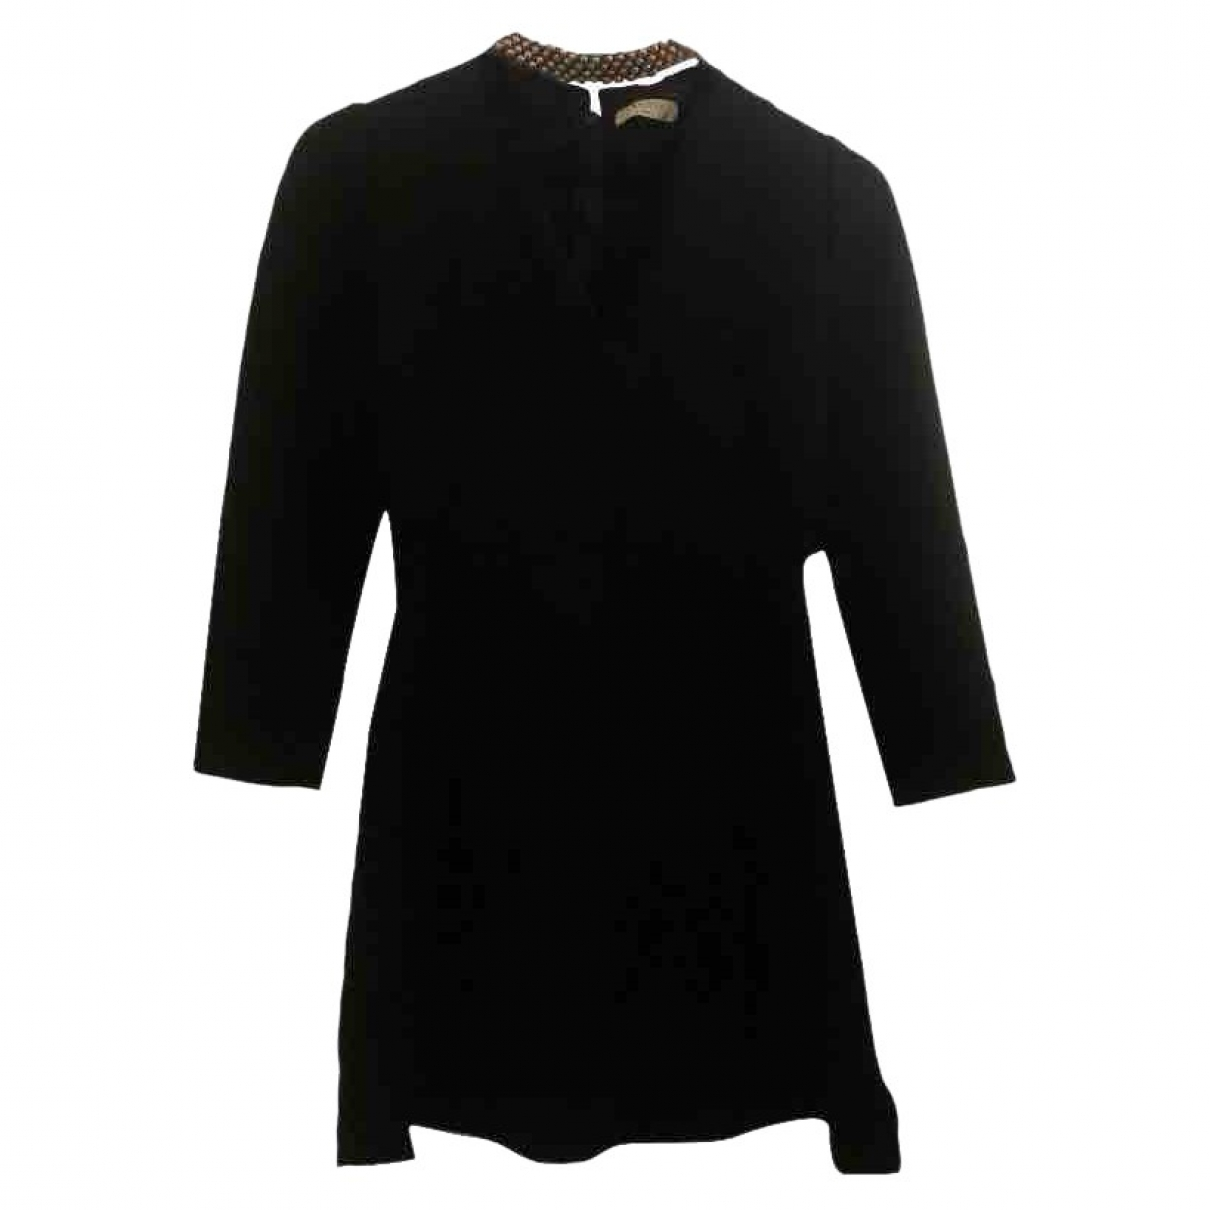 Sandro Fall Winter 2019 Black Cotton dress for Women 36 FR